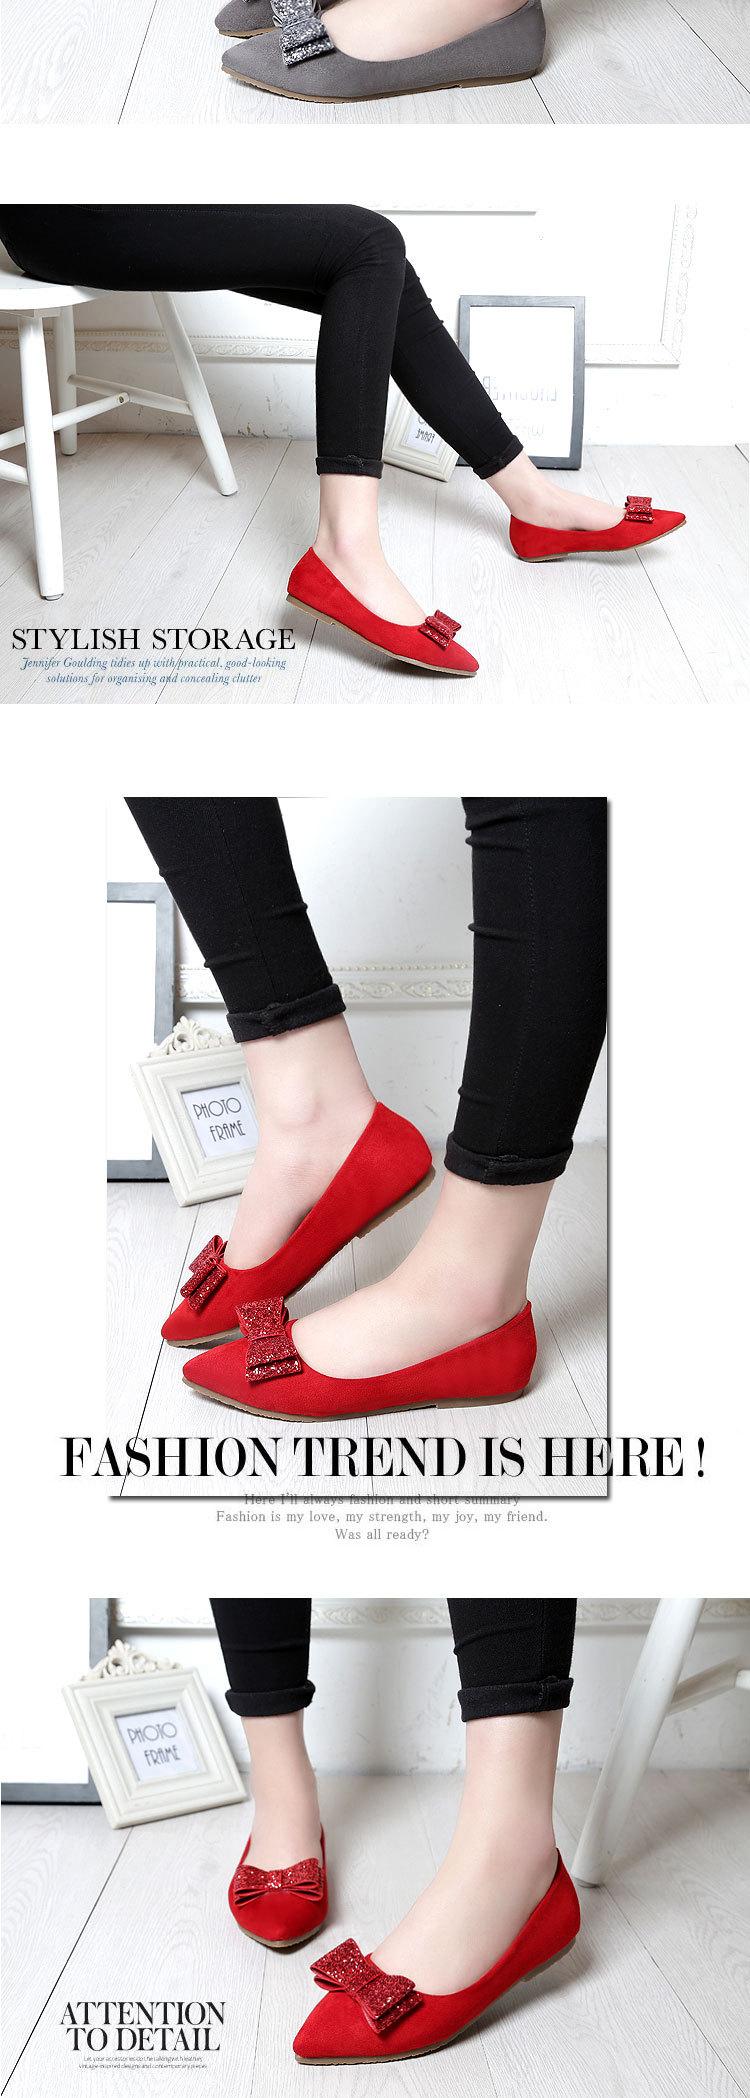 小可爱蝴蝶结尖头绒面平底红色单鞋婚鞋